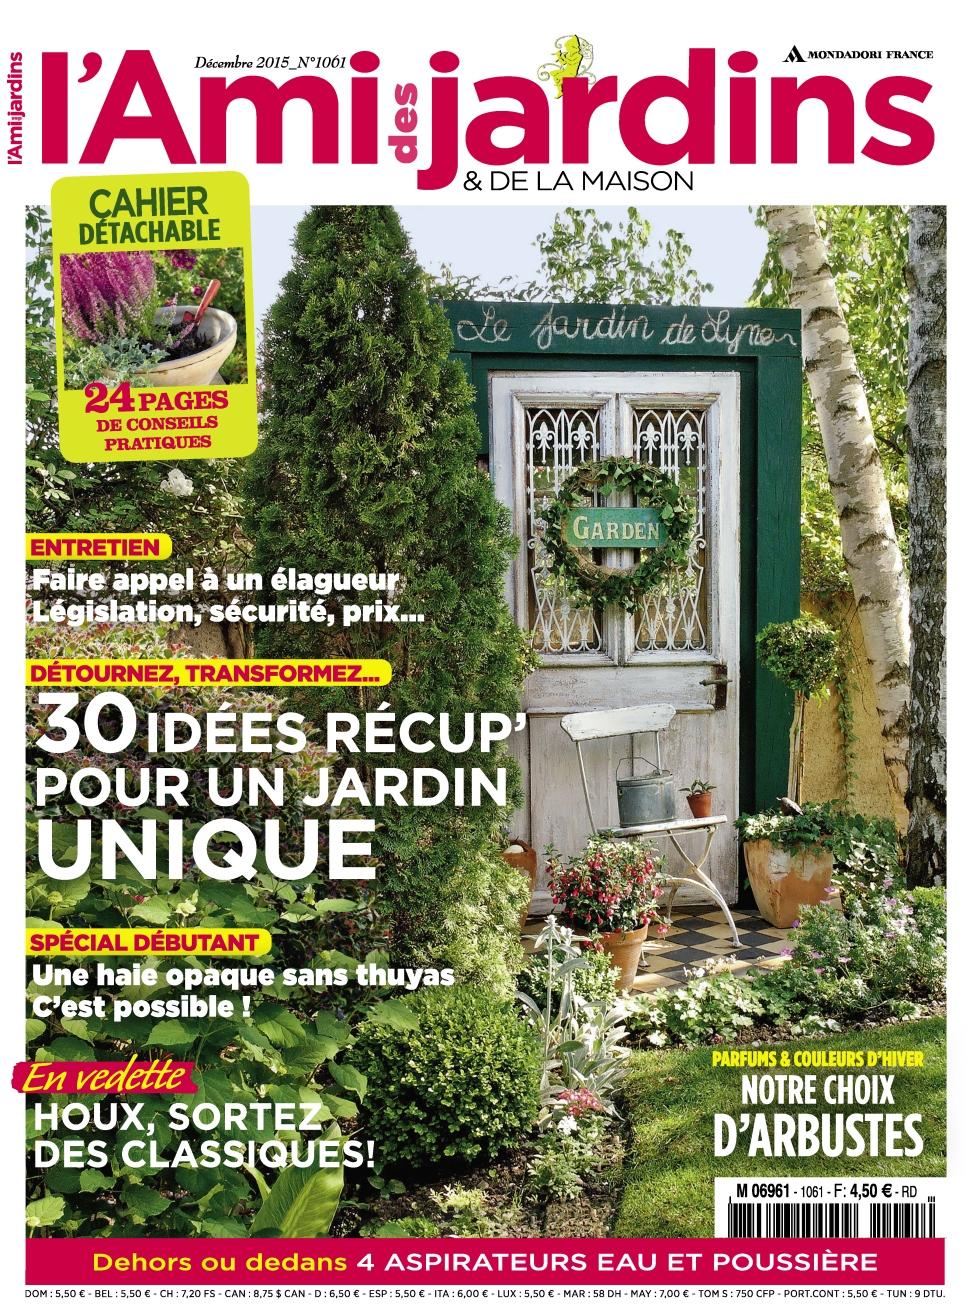 L'ami Des Jardins N°1061 - Decembre 2015 » Télécharger ... intérieur Ami Des Jardins Magazine